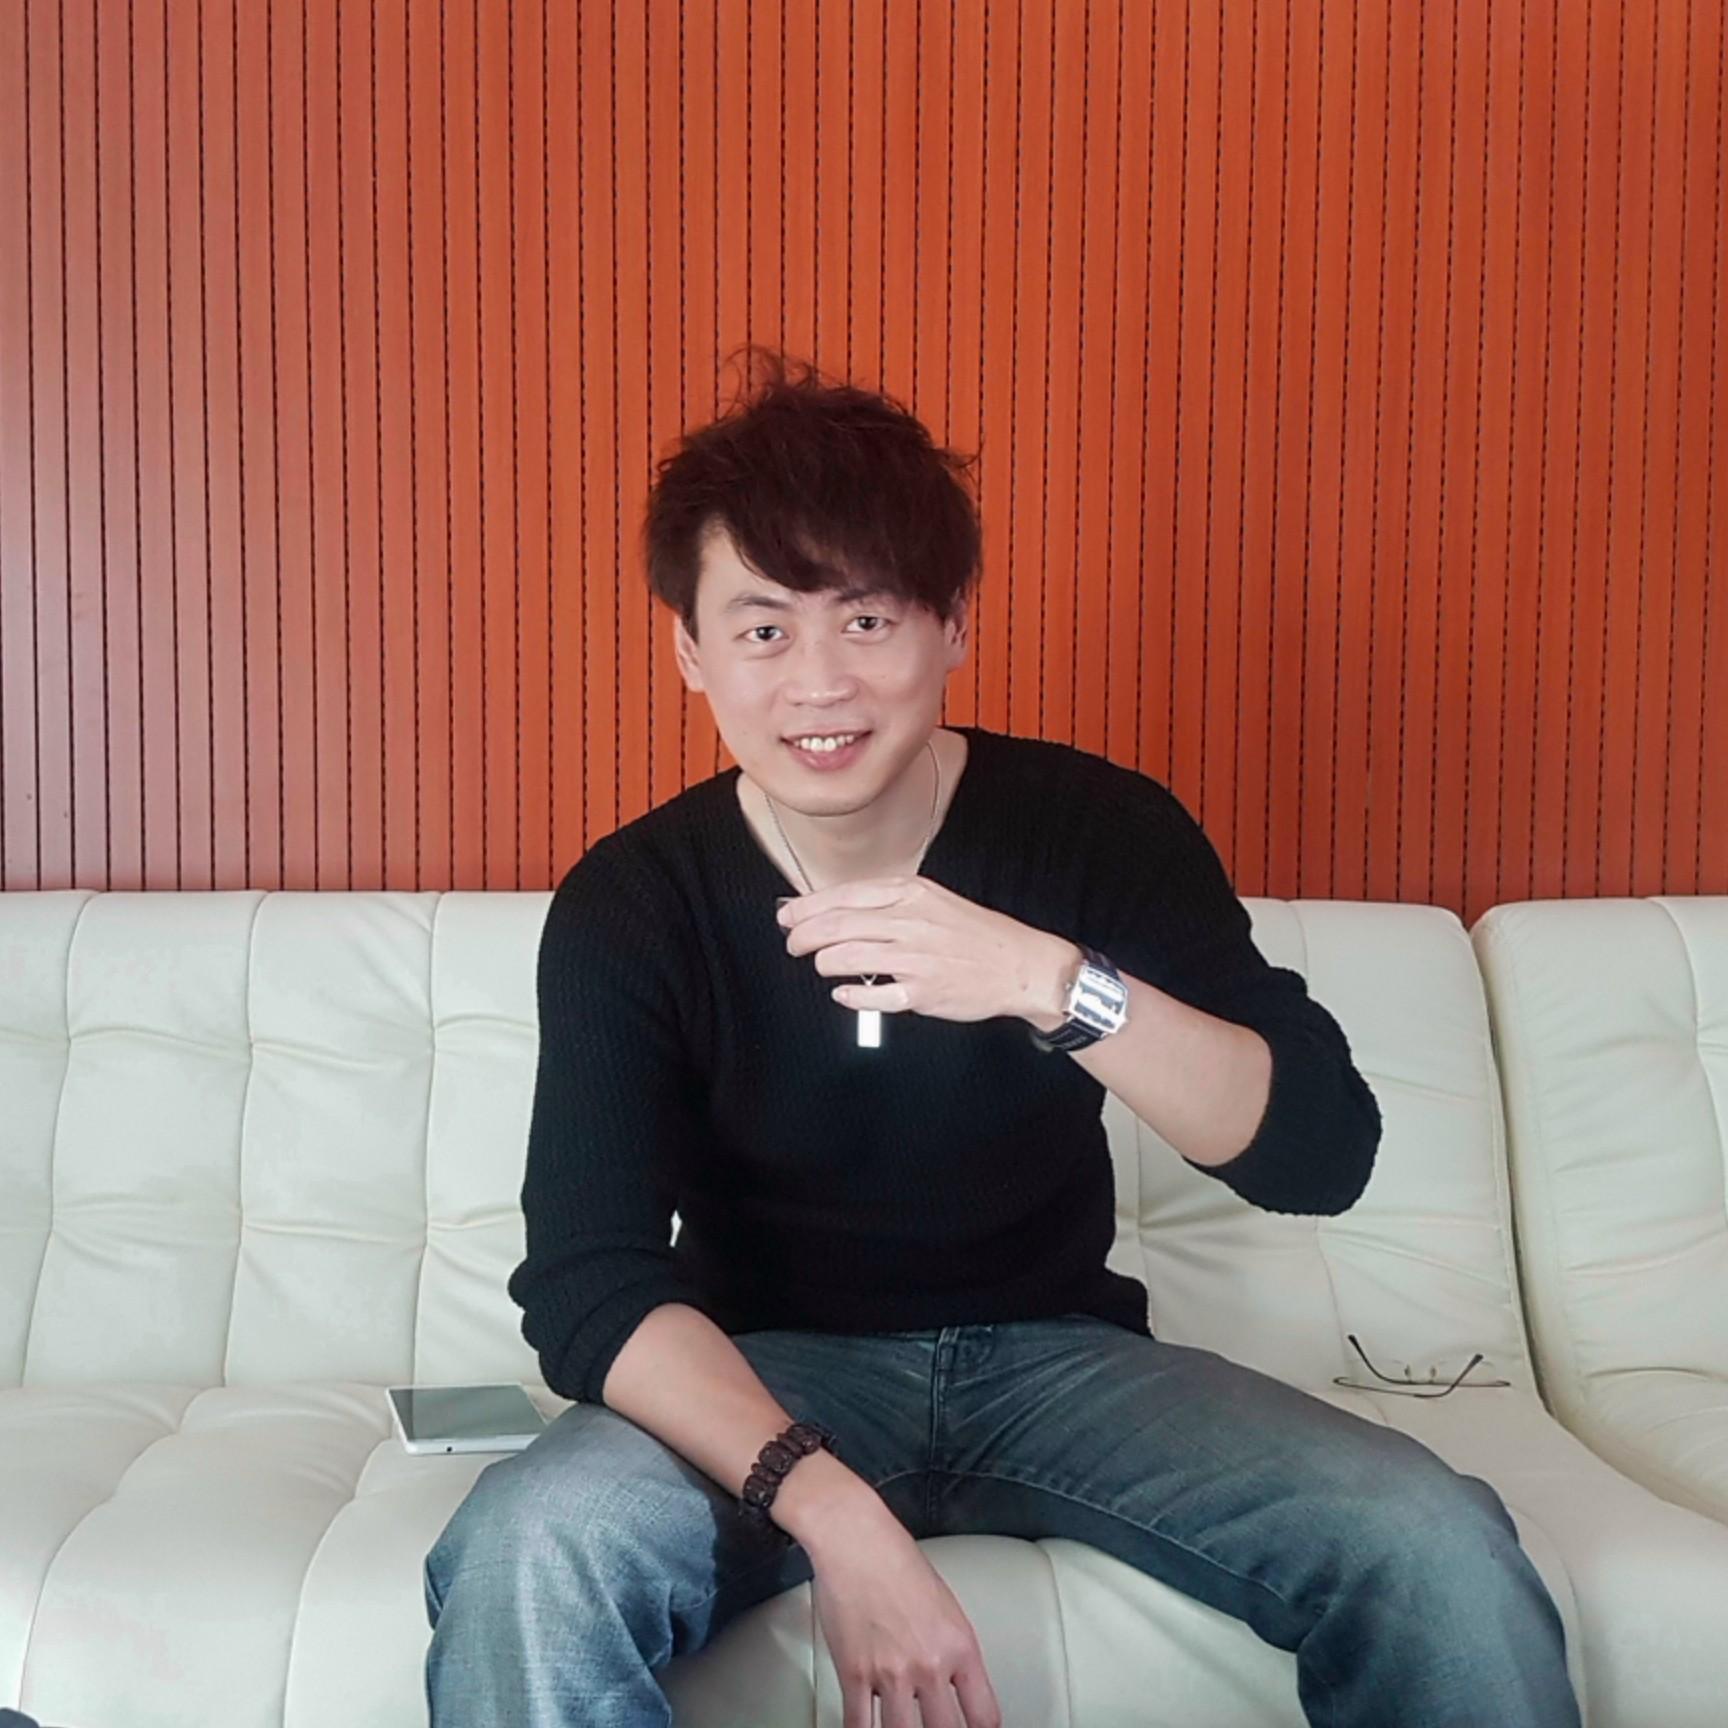 春回行医疗旅游产业(横琴)有限公司CEO黄冠晸照片